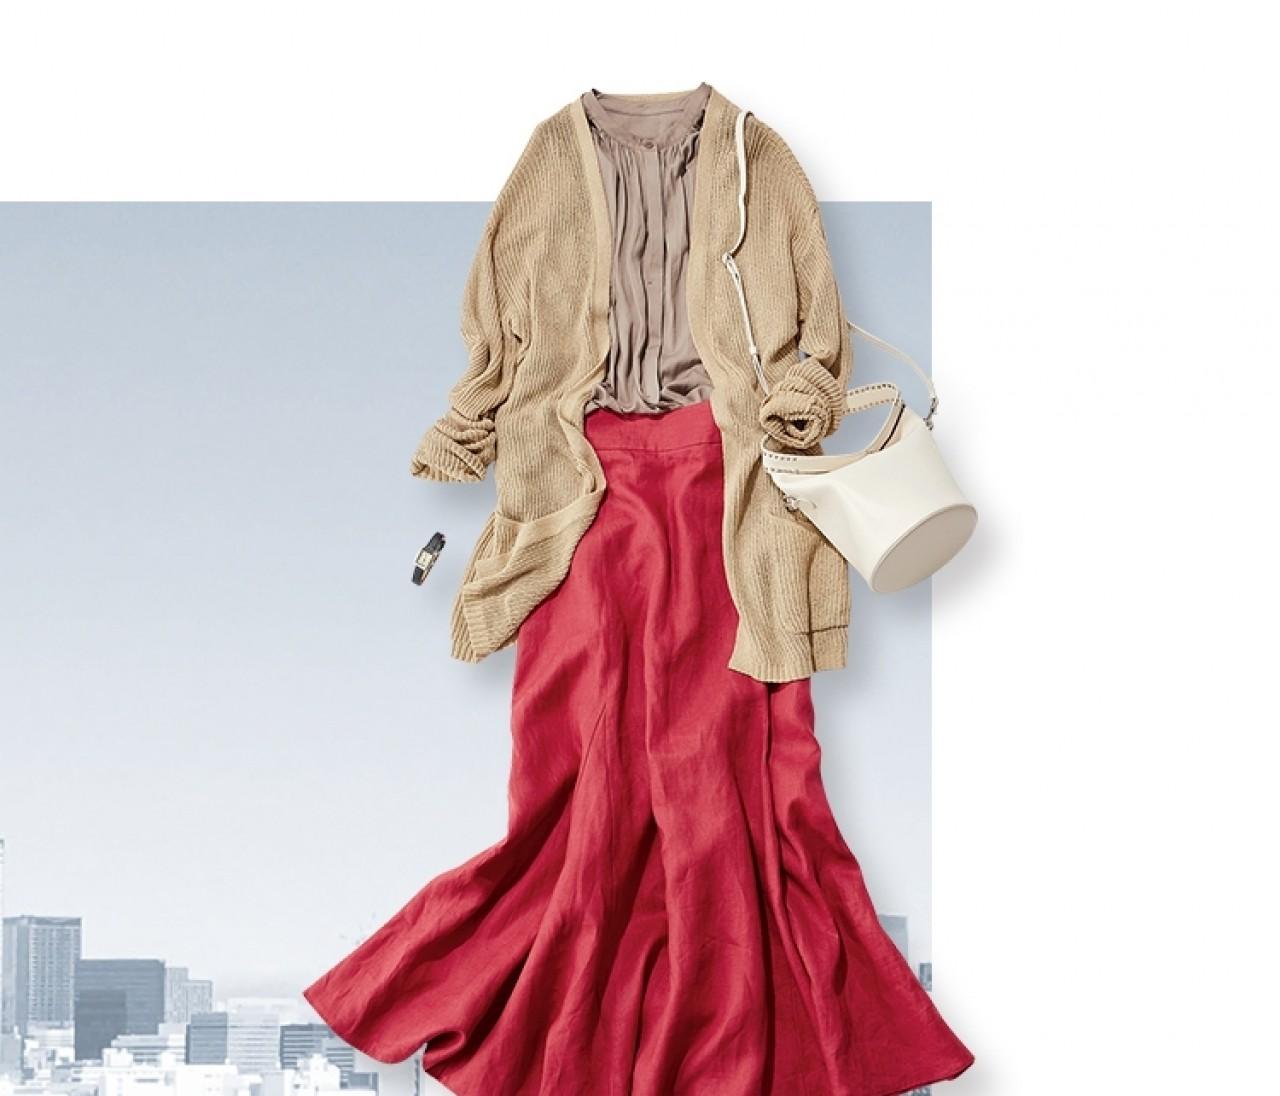 【今日のコーデ】月曜日は、ビビッドカラーで鮮度を上げた大人の華スカートコーデ